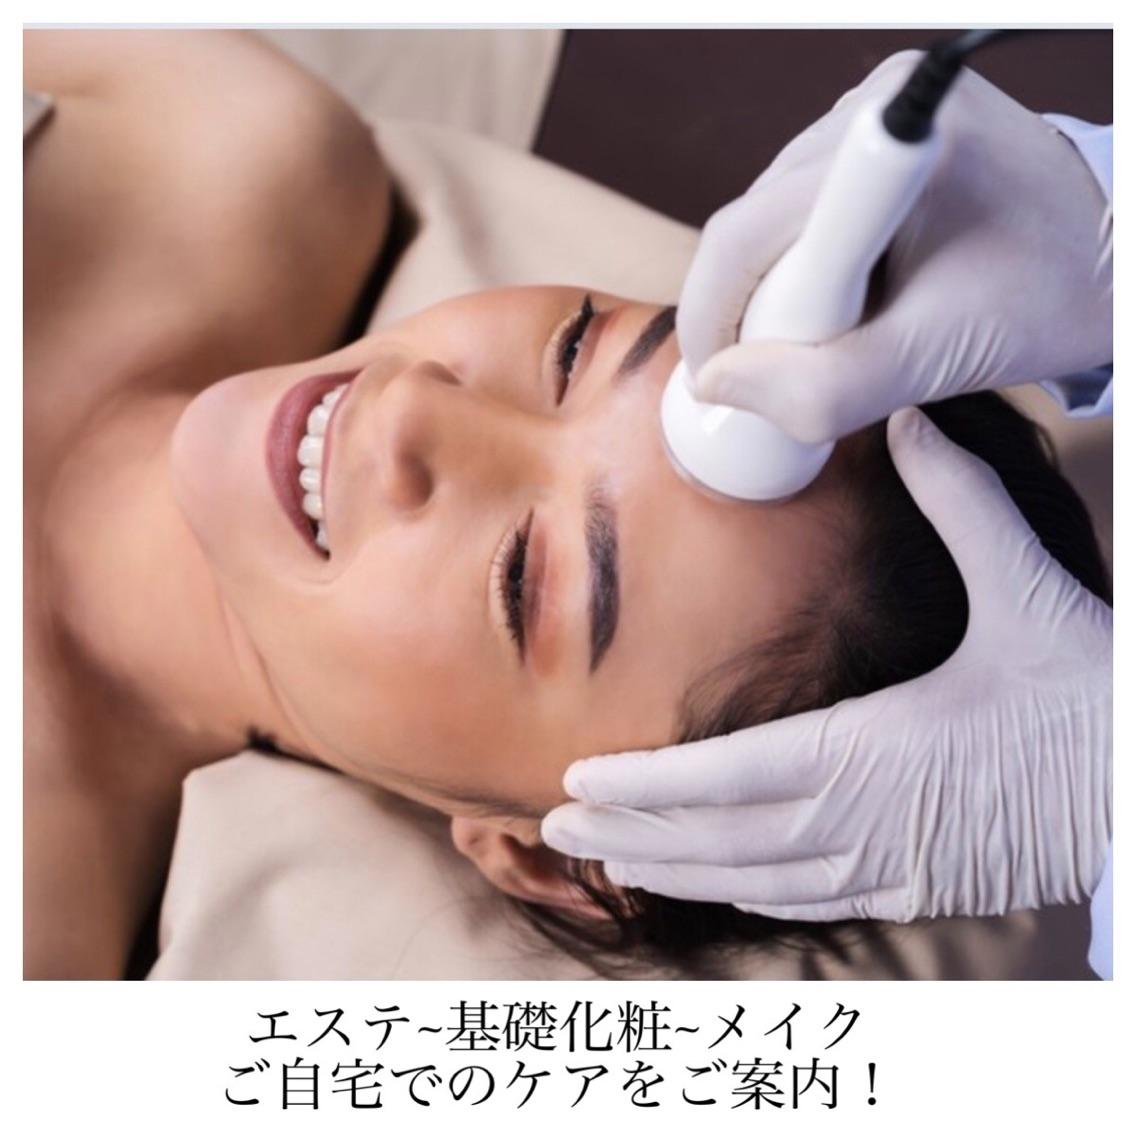 一般社団法人日本トータルエステティックアカデミー協会直営校 Beauty School Lani 千葉校 ・BeautyLeMiroir